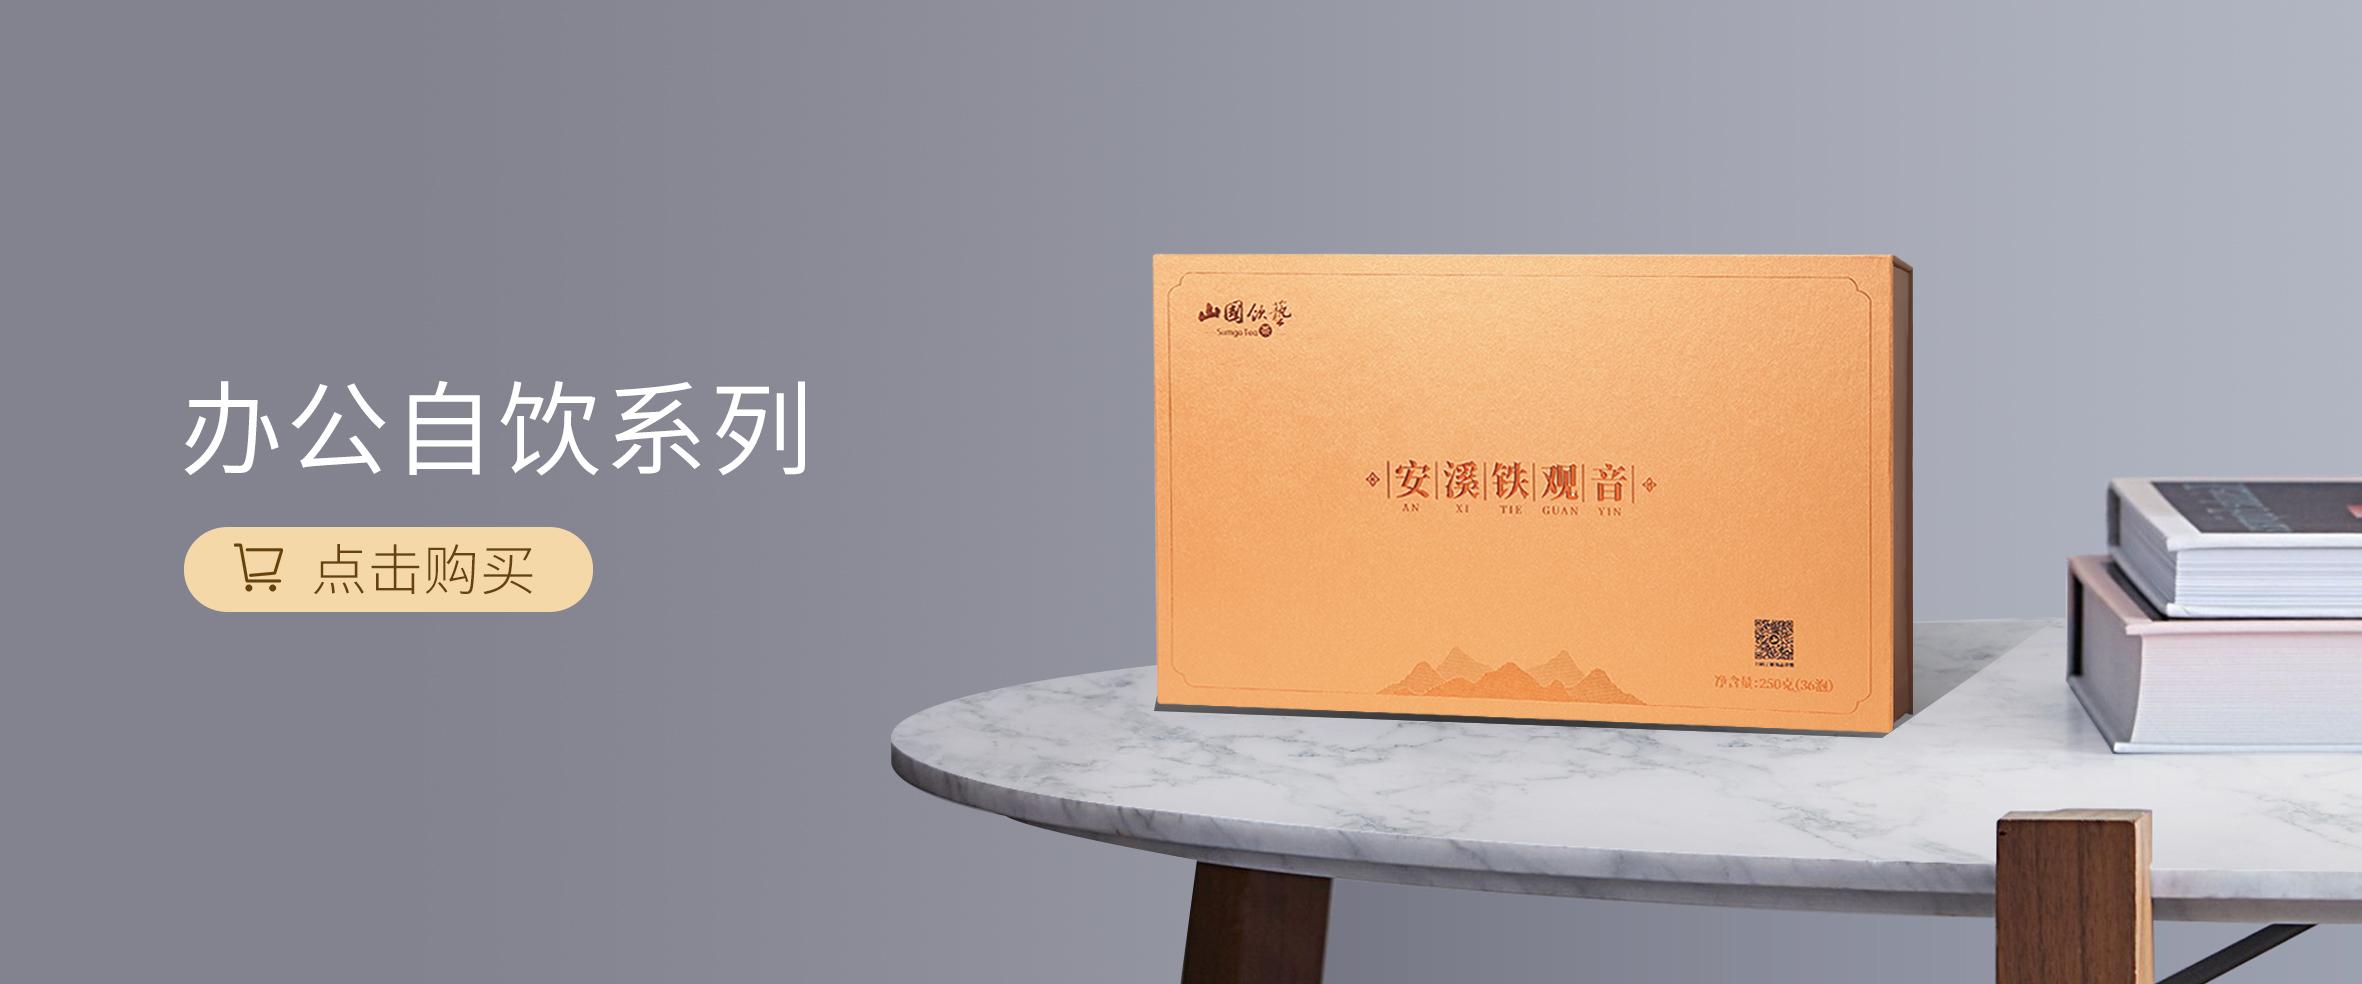 口粮茶系列banner